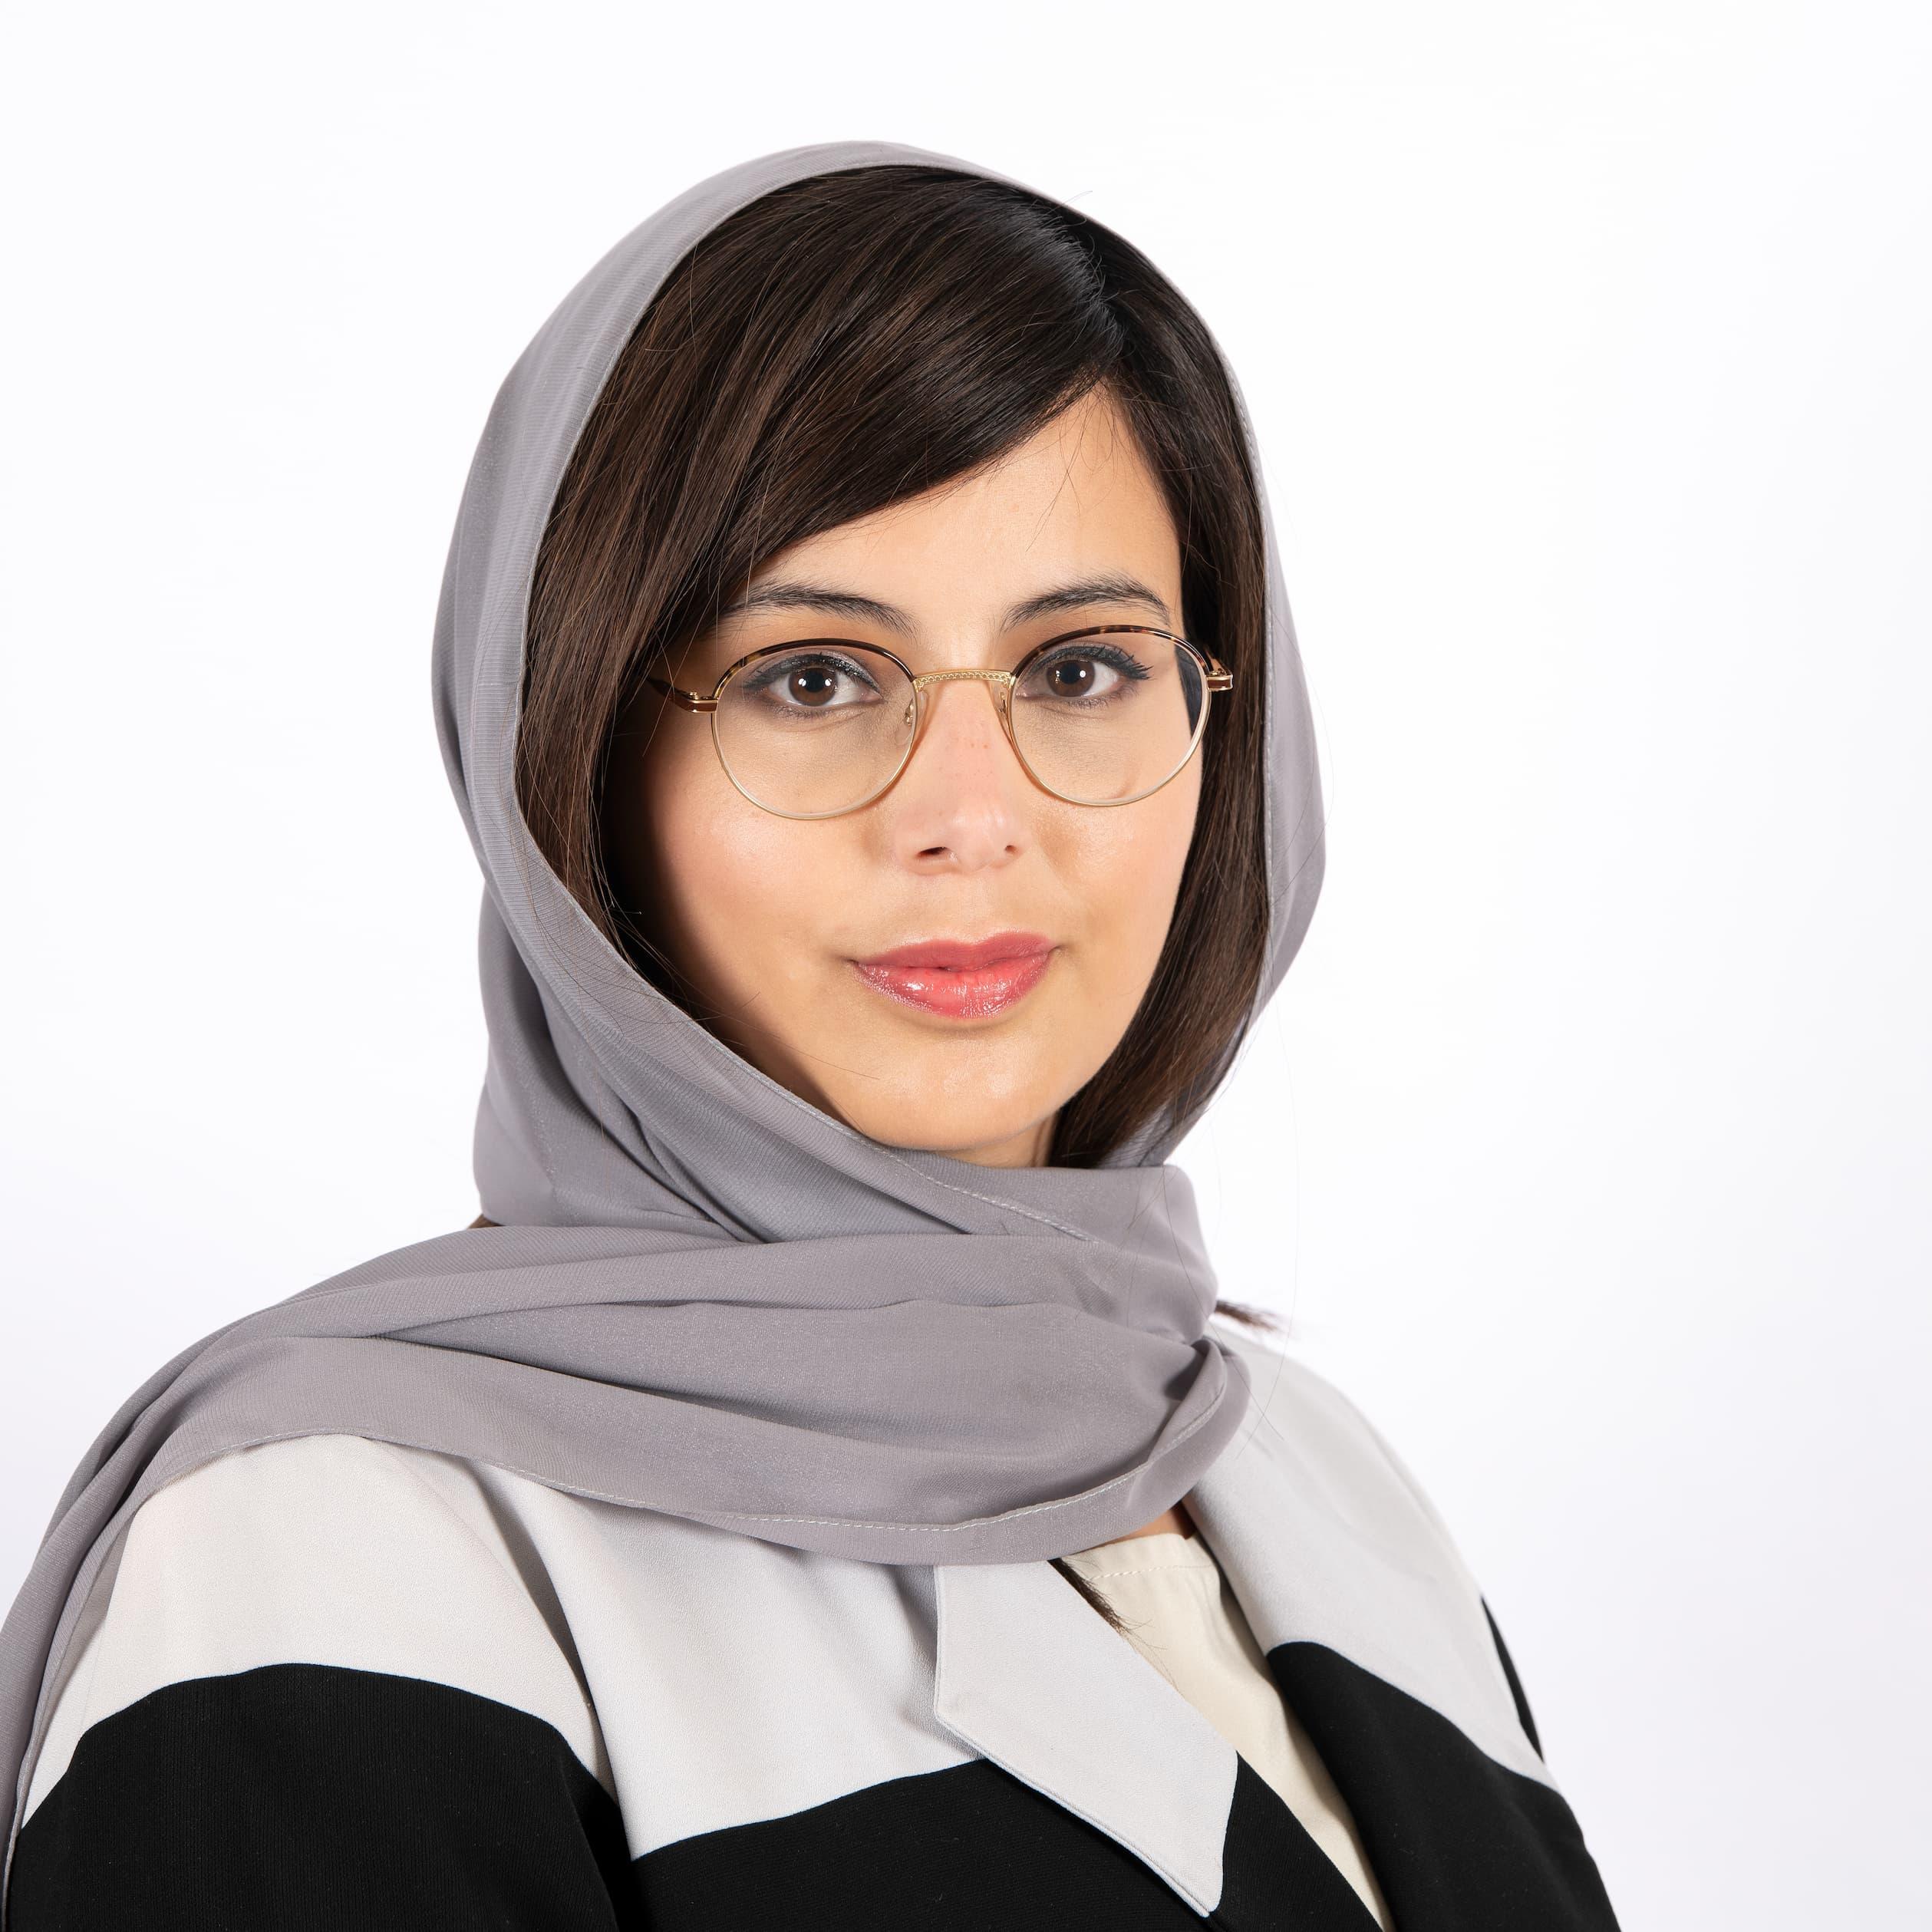 الأستاذة هيفاء عبدالرحمن الجديع